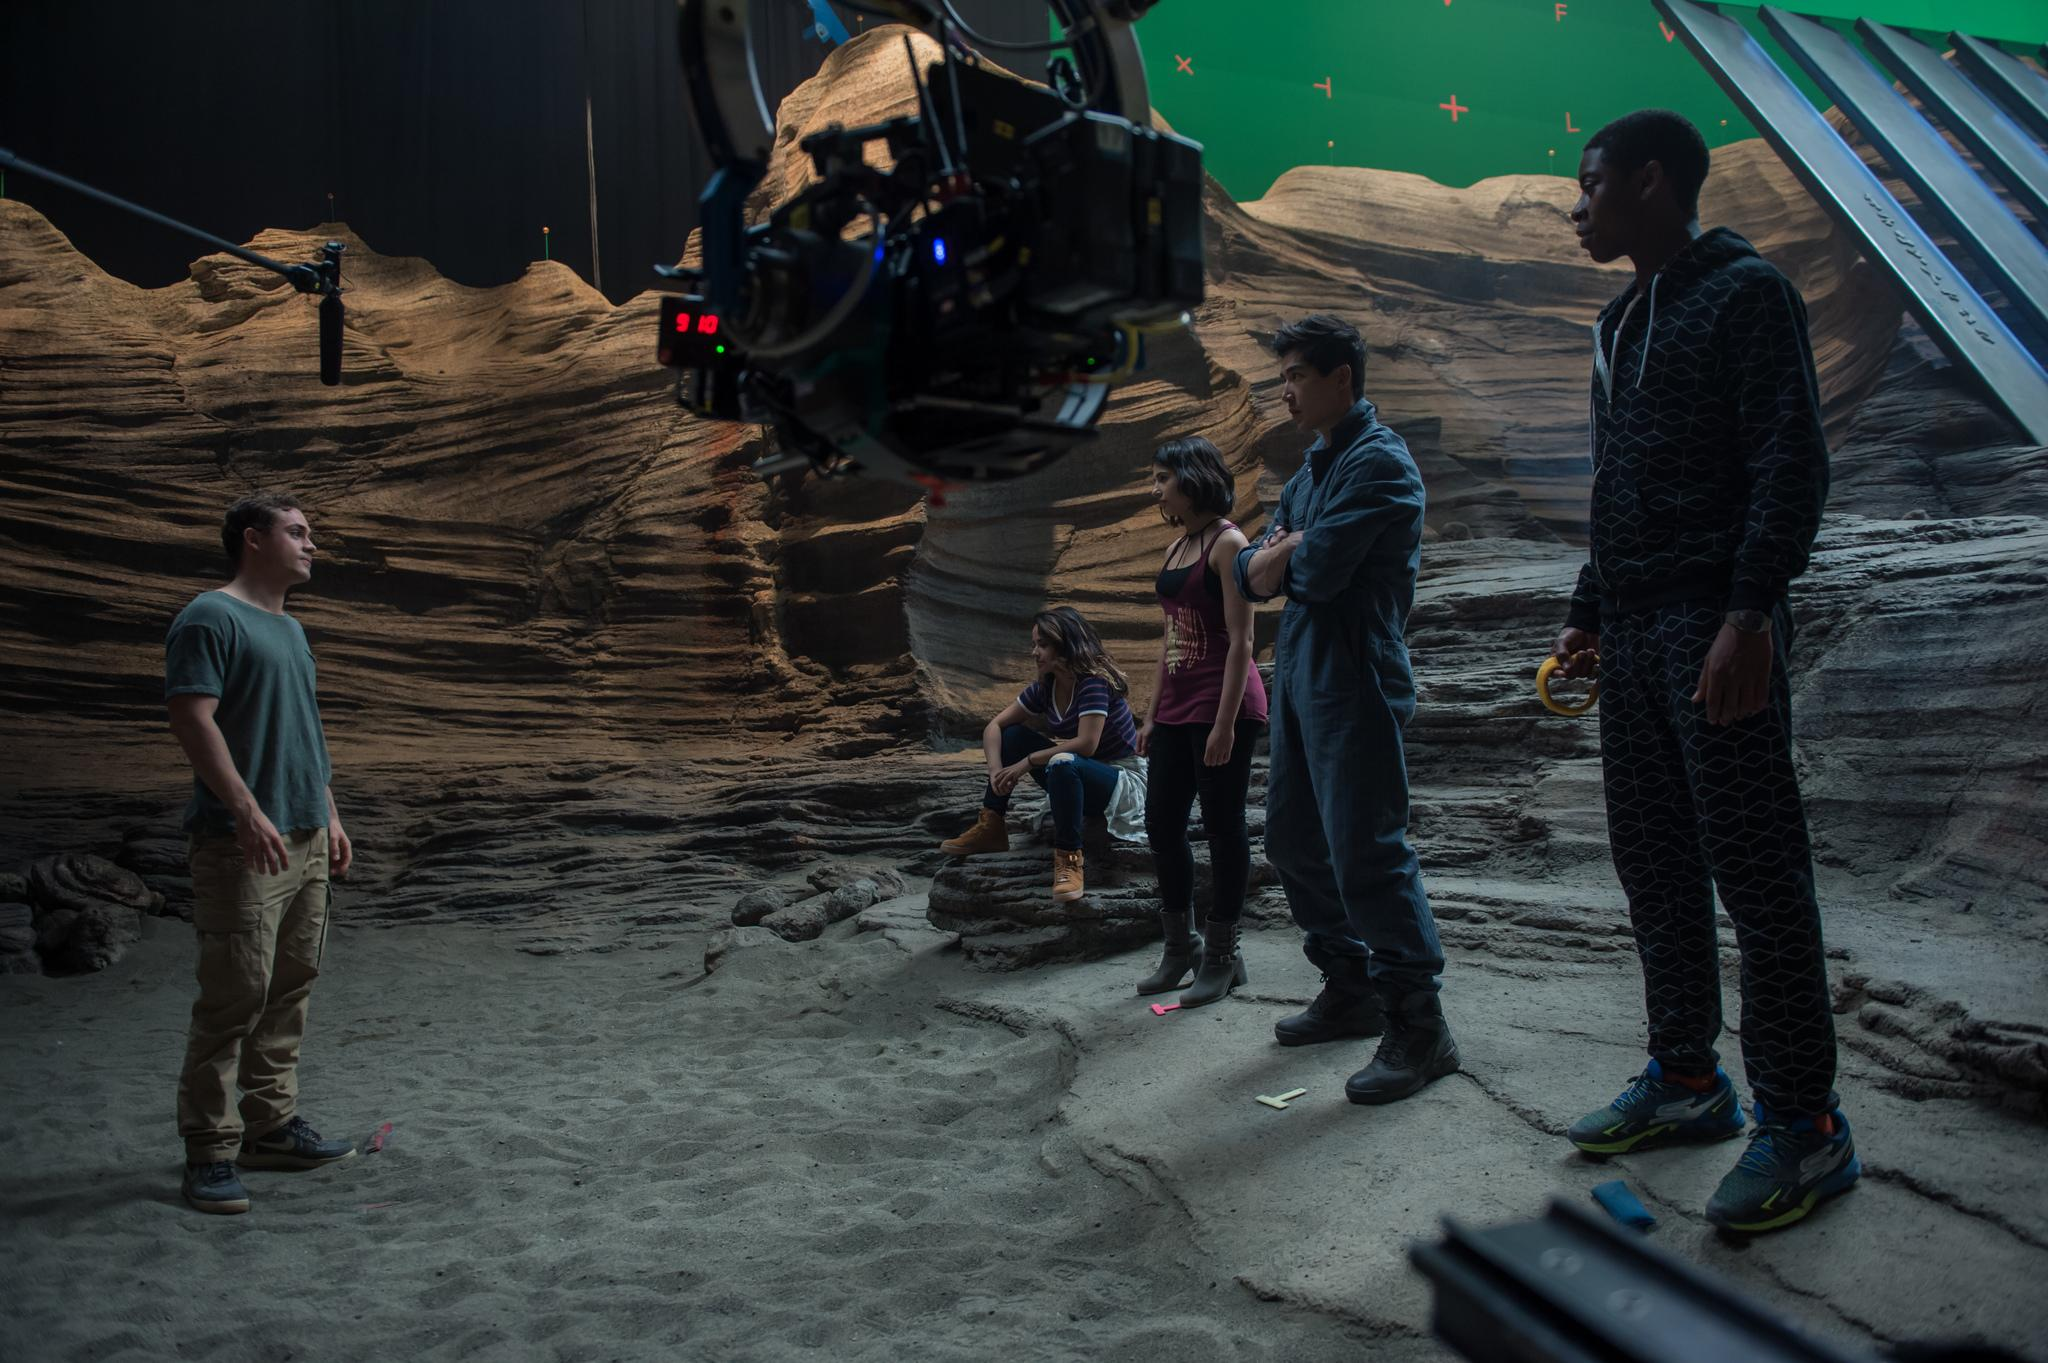 """Es la primera película de """"Power Rangers"""" clasificadaPG-13 (los niños deben asistir con un adulto)."""